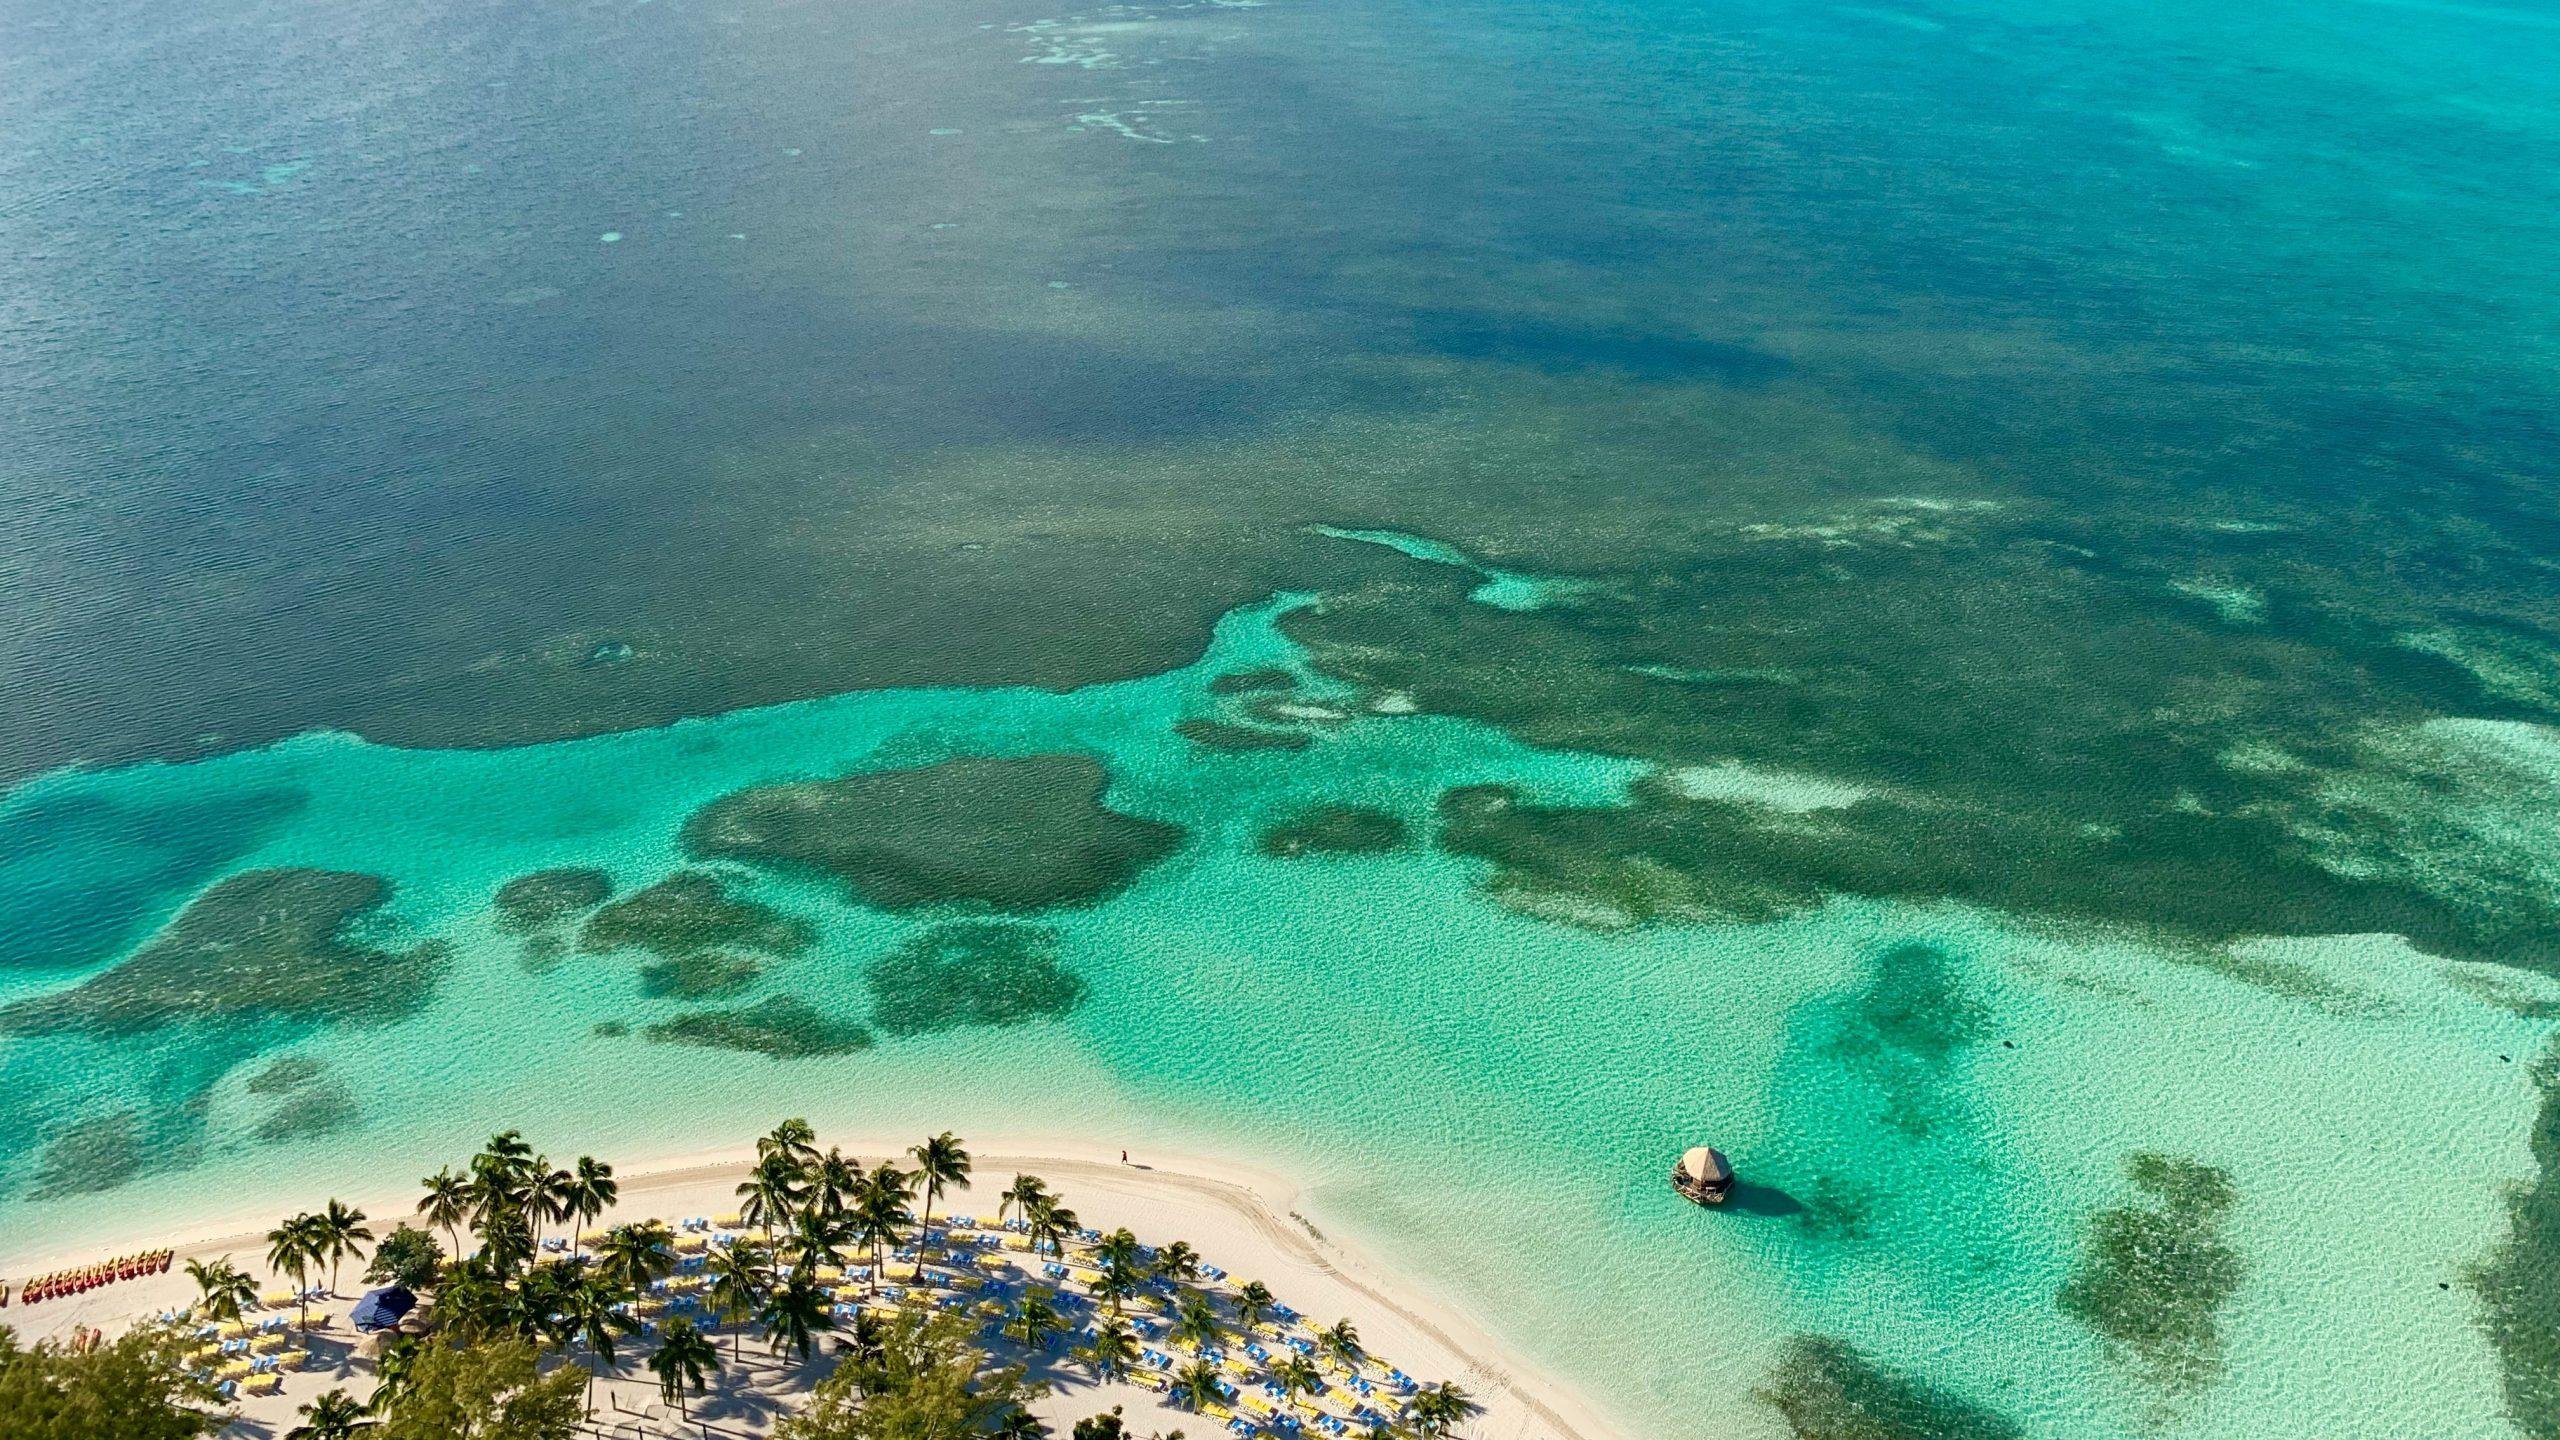 CocoCay Bahamas (Photo by Fernando Jorge)